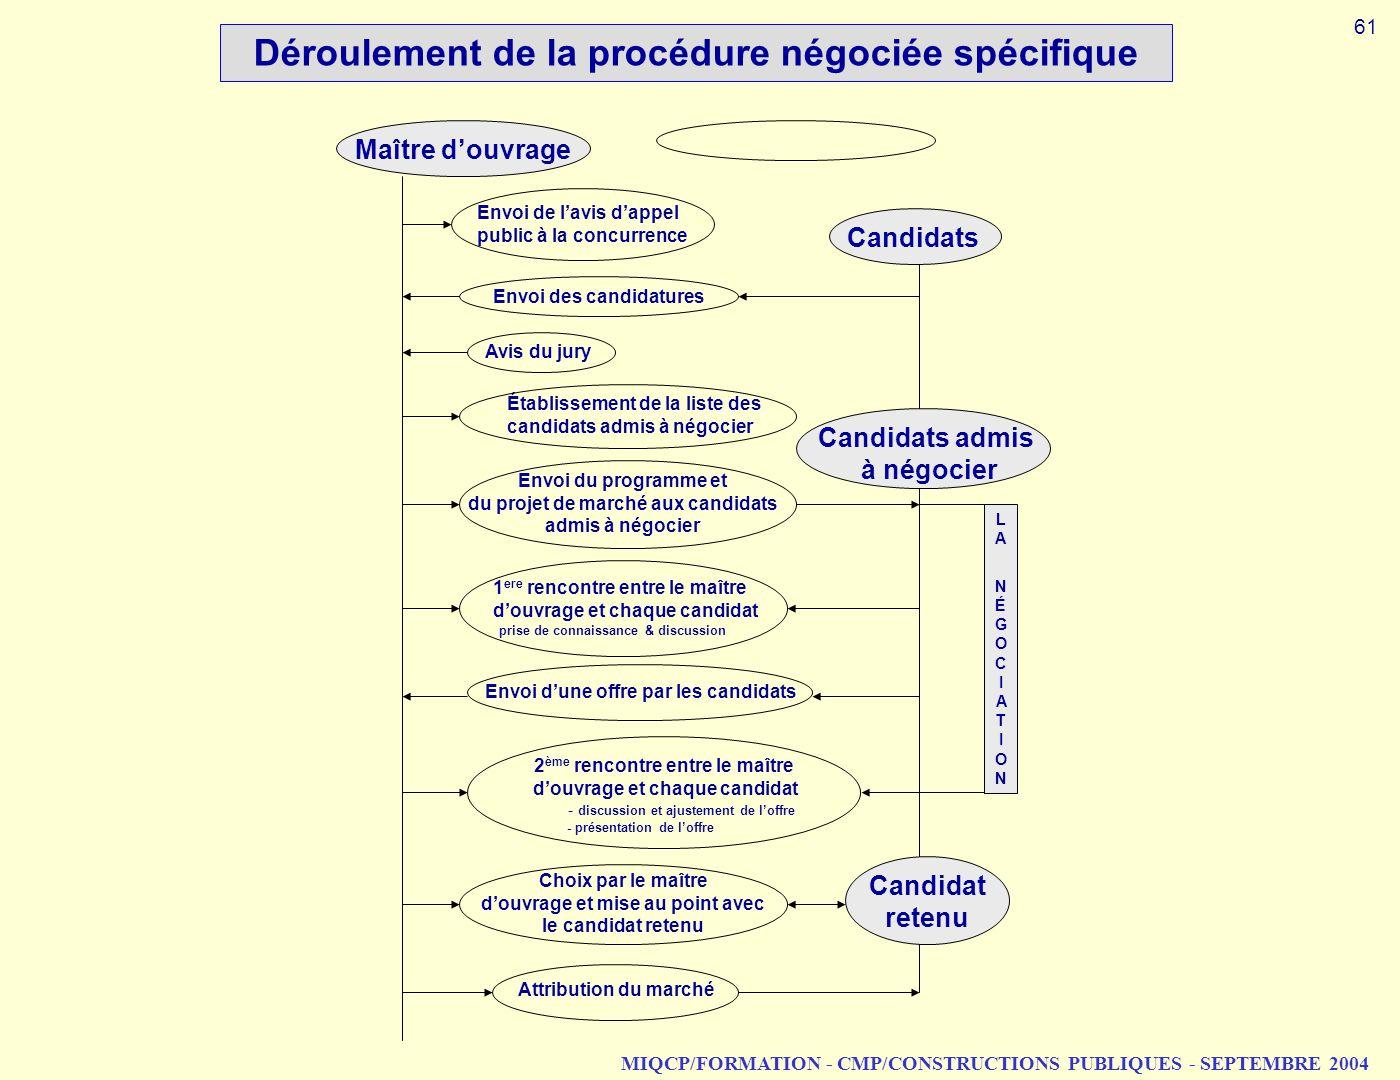 Déroulement de la procédure négociée spécifique